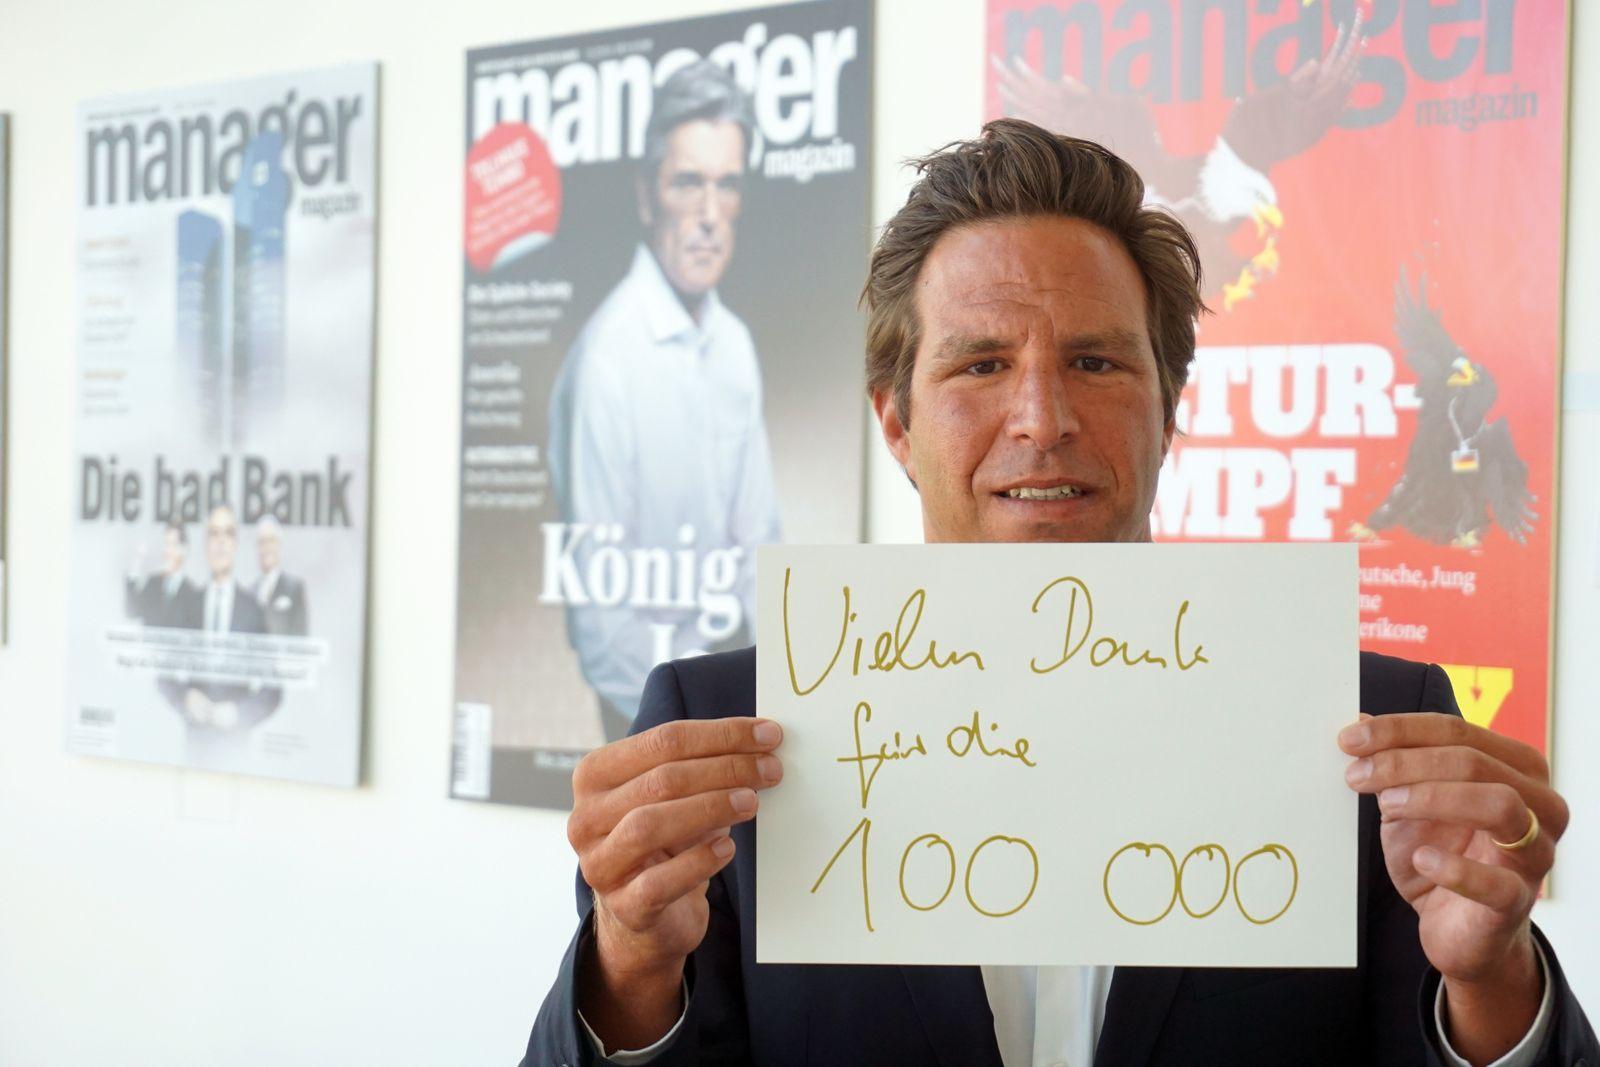 Sven Clausen / 100.000